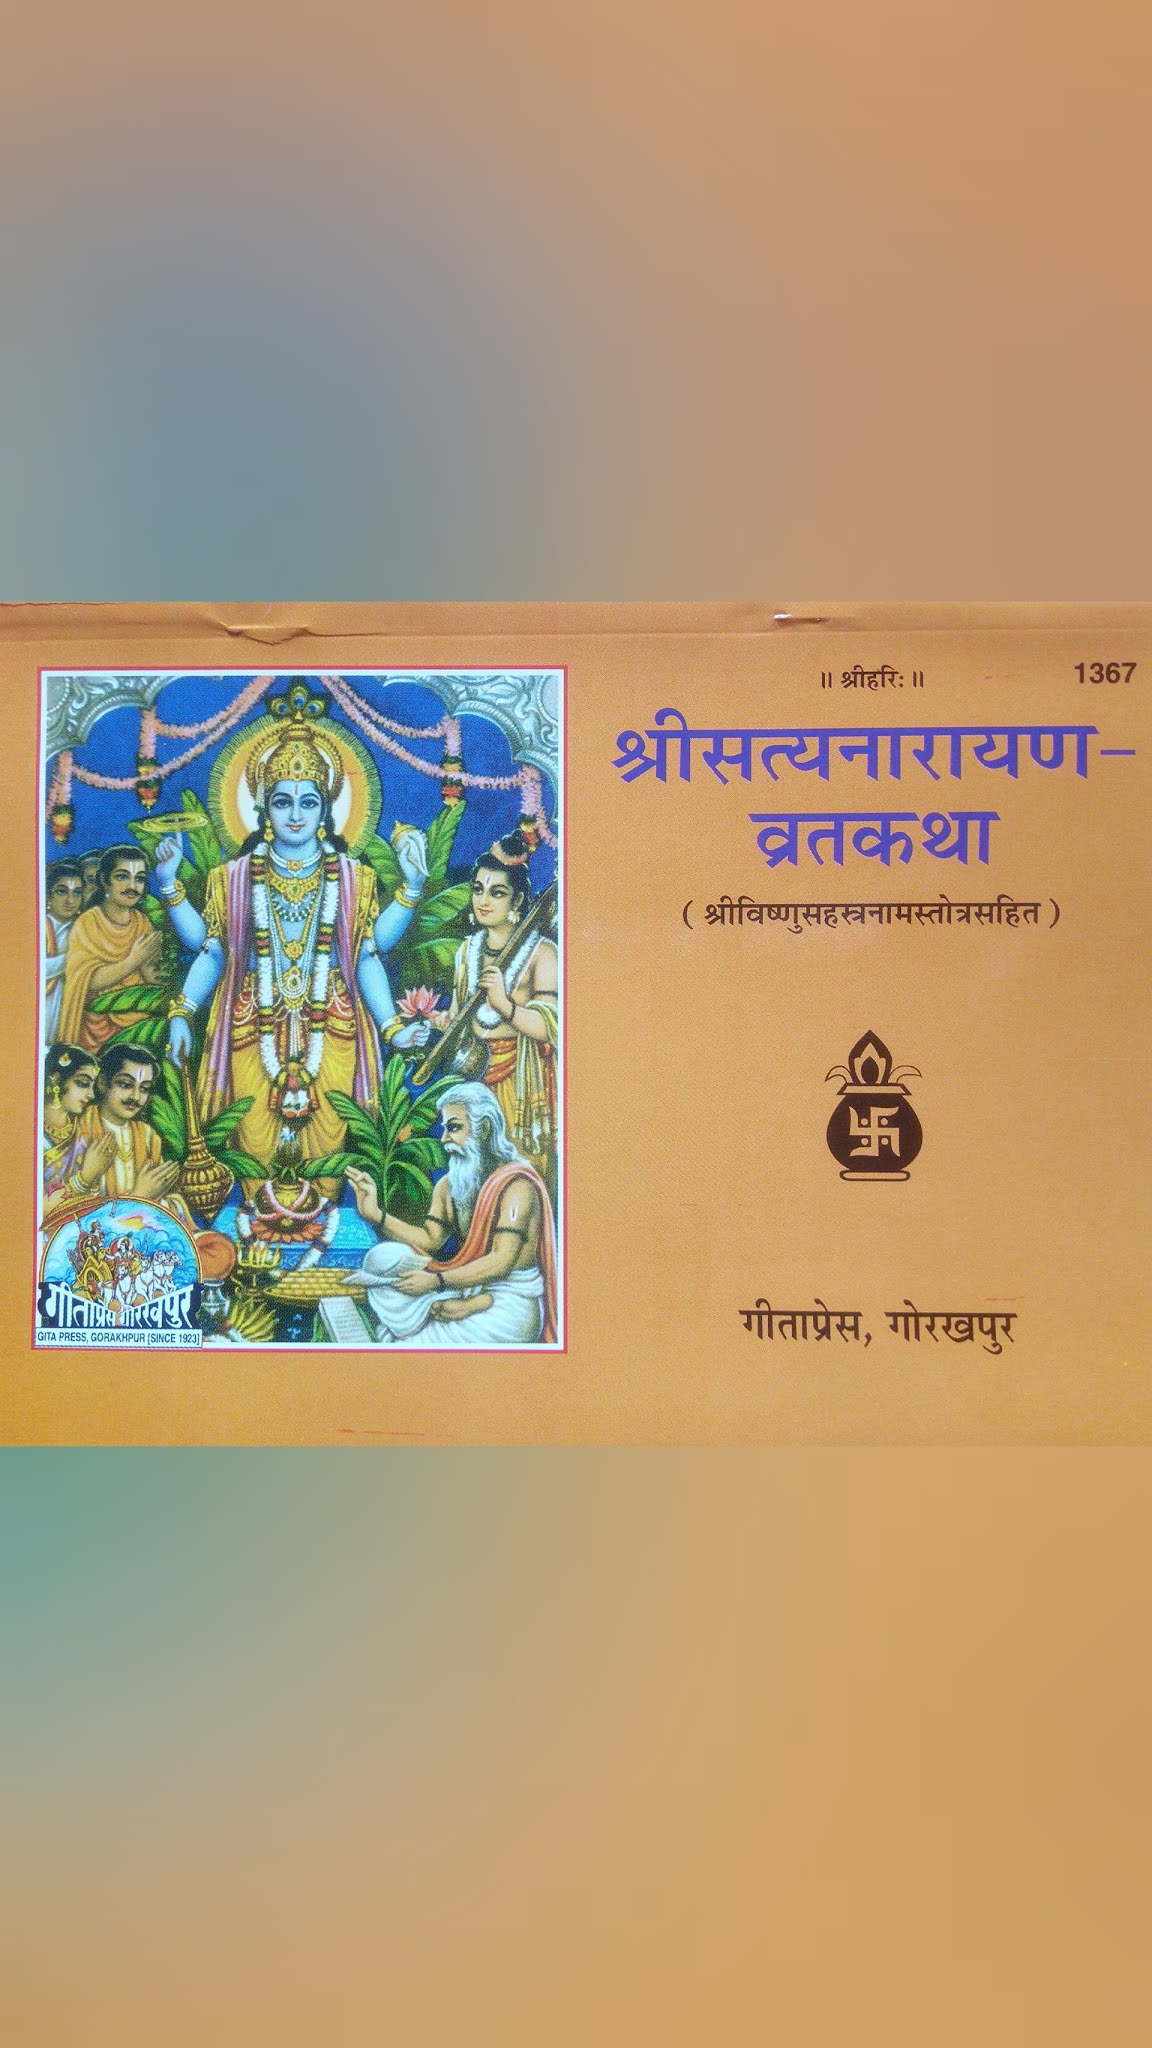 Shri Satyanarayan Vrat katha